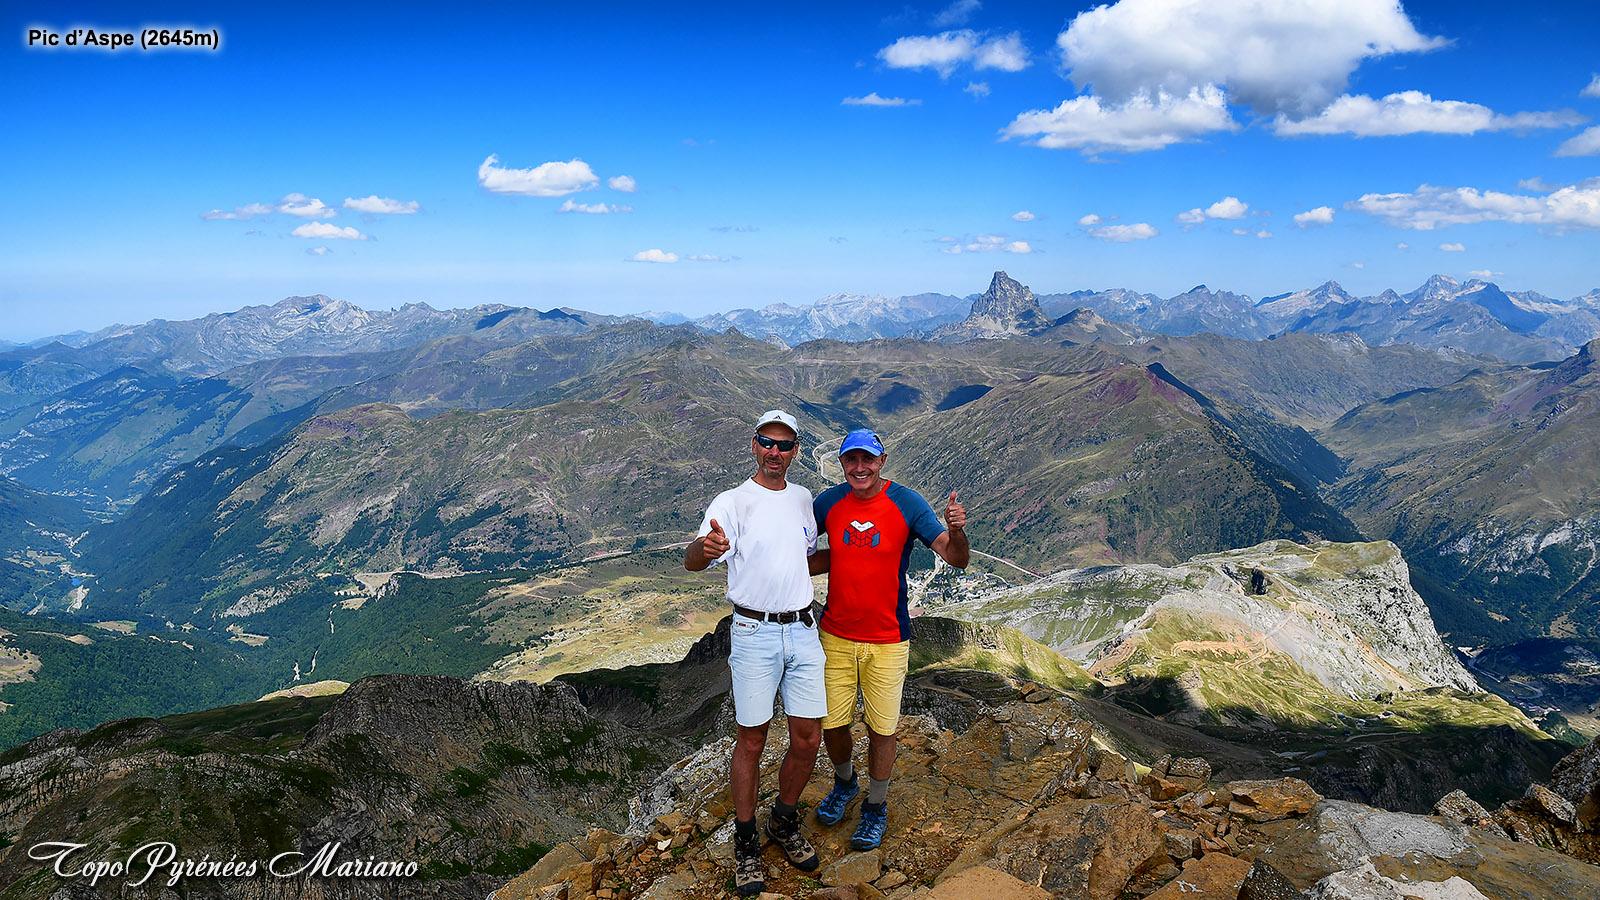 Trilogie au massif d'Aspe avec les Pics: Llena de Bozo (2559m), Llena de la Garganta (2599m) et Pic d'Aspe (2645m)